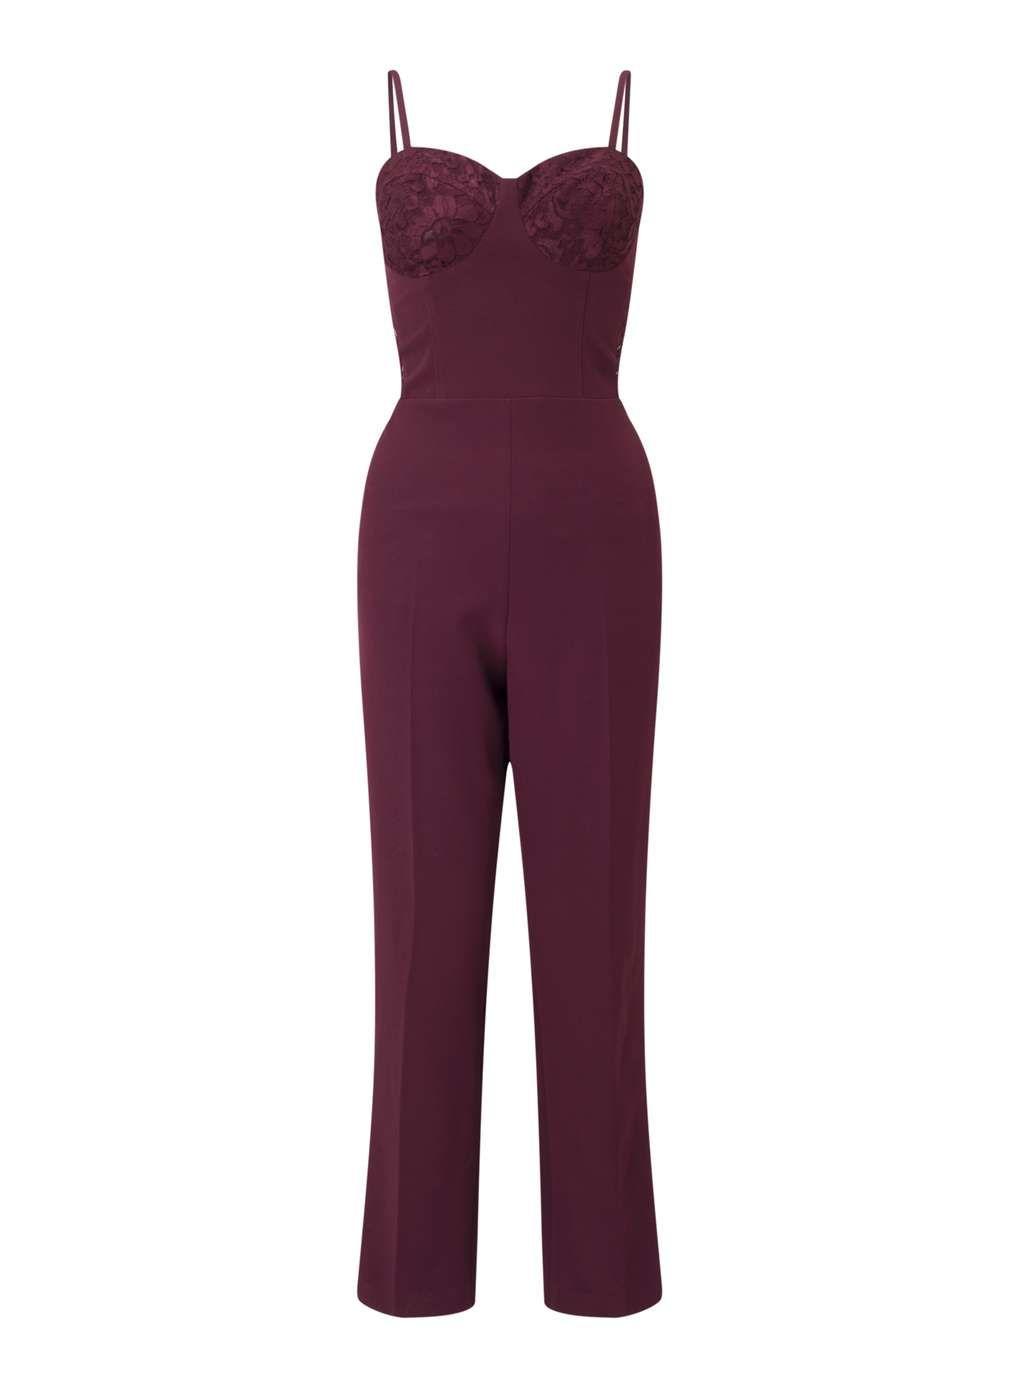 d47c8c60ecc Burgundy Lace Corset Jumpsuit - Going Out Dresses - Dress Shop ...